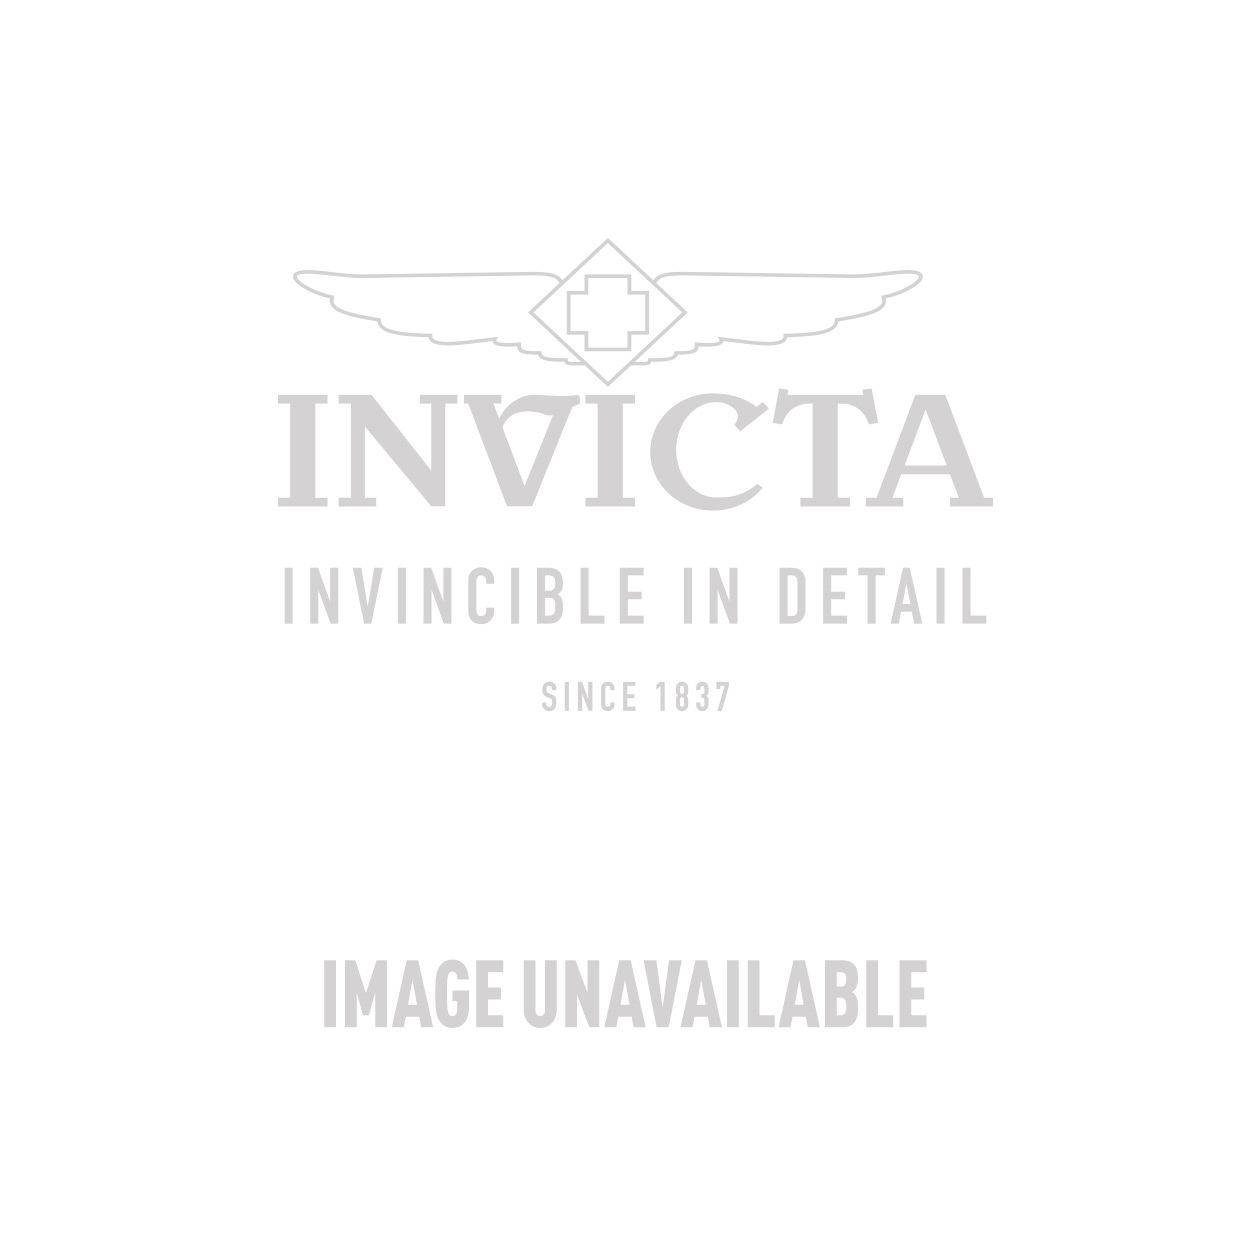 Invicta Model 27361